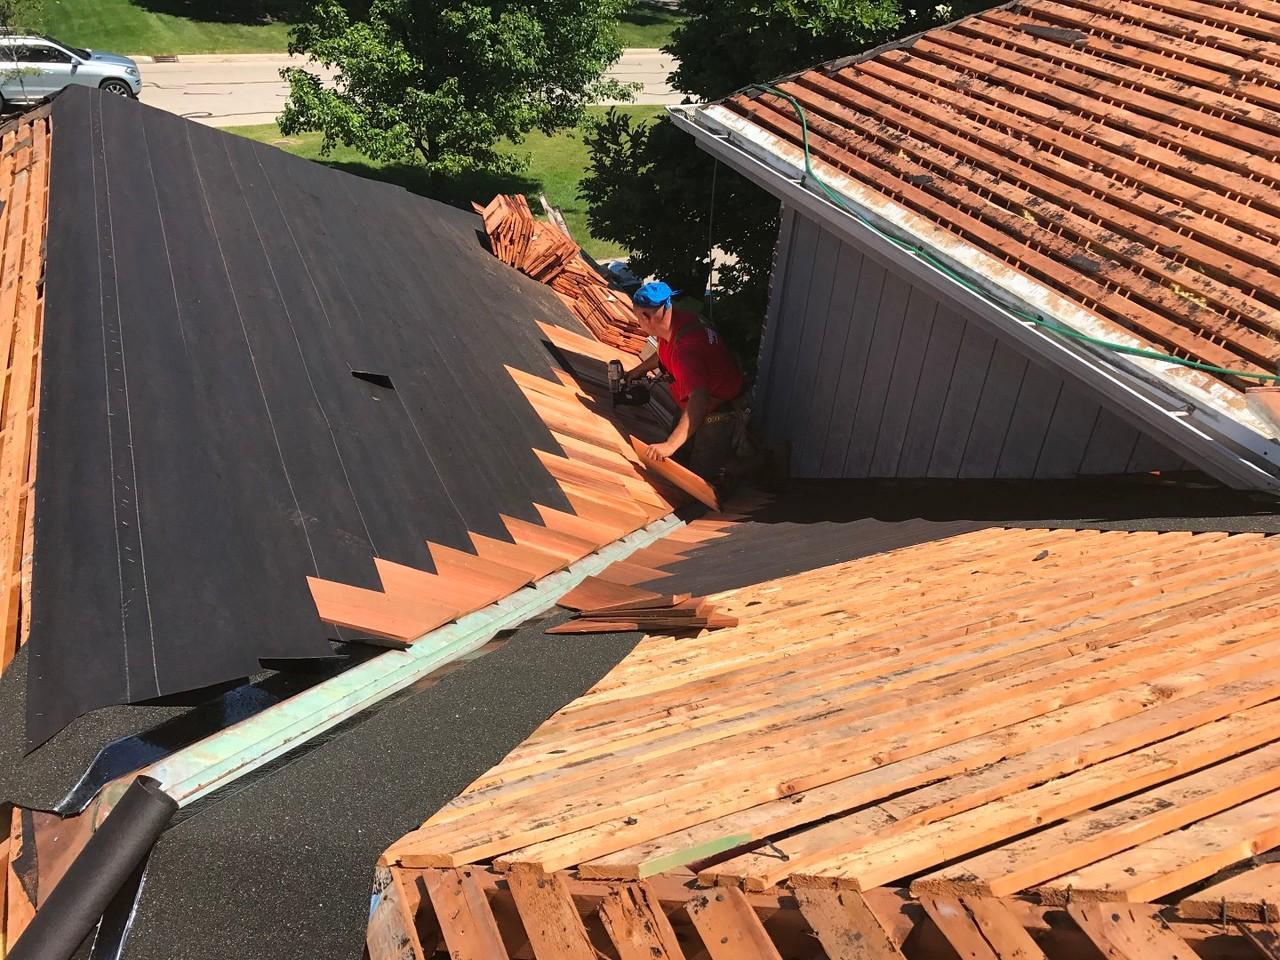 Cedar Roofing Installation - CedarRoofing.com